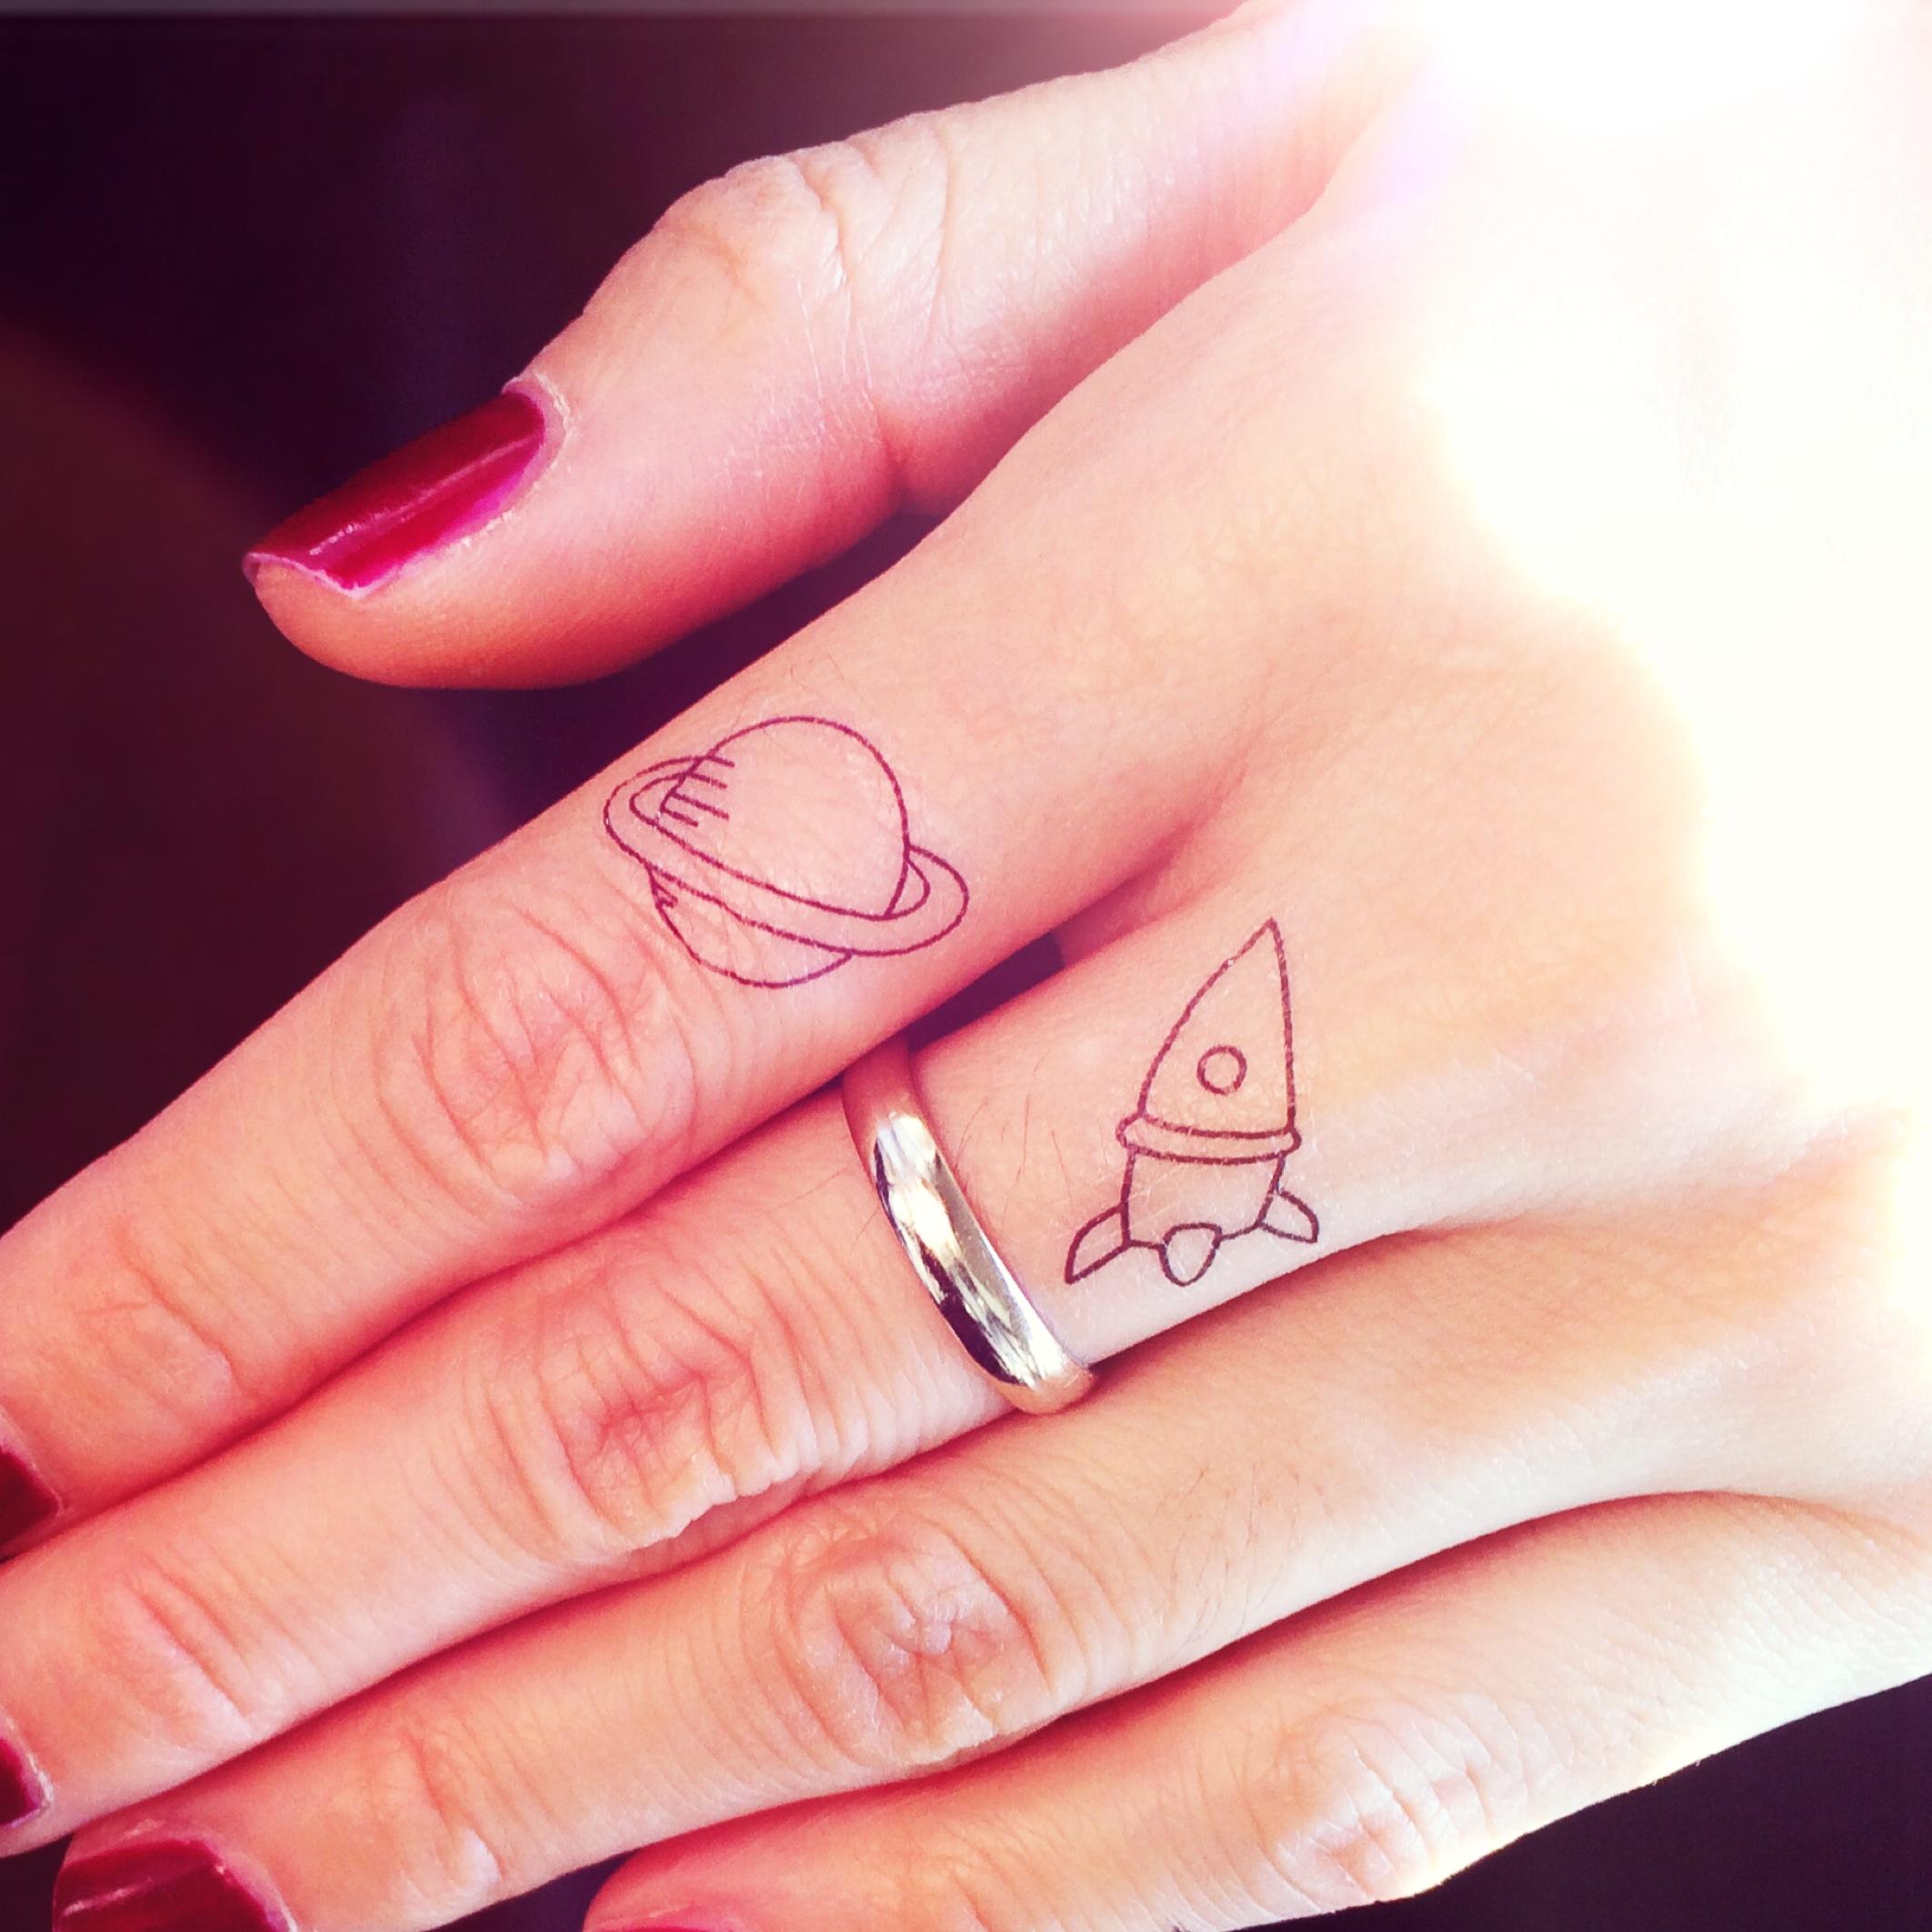 4pcs Jupiter Rocket Space tattoo - InknArt Temporary Tattoo - wrist ...